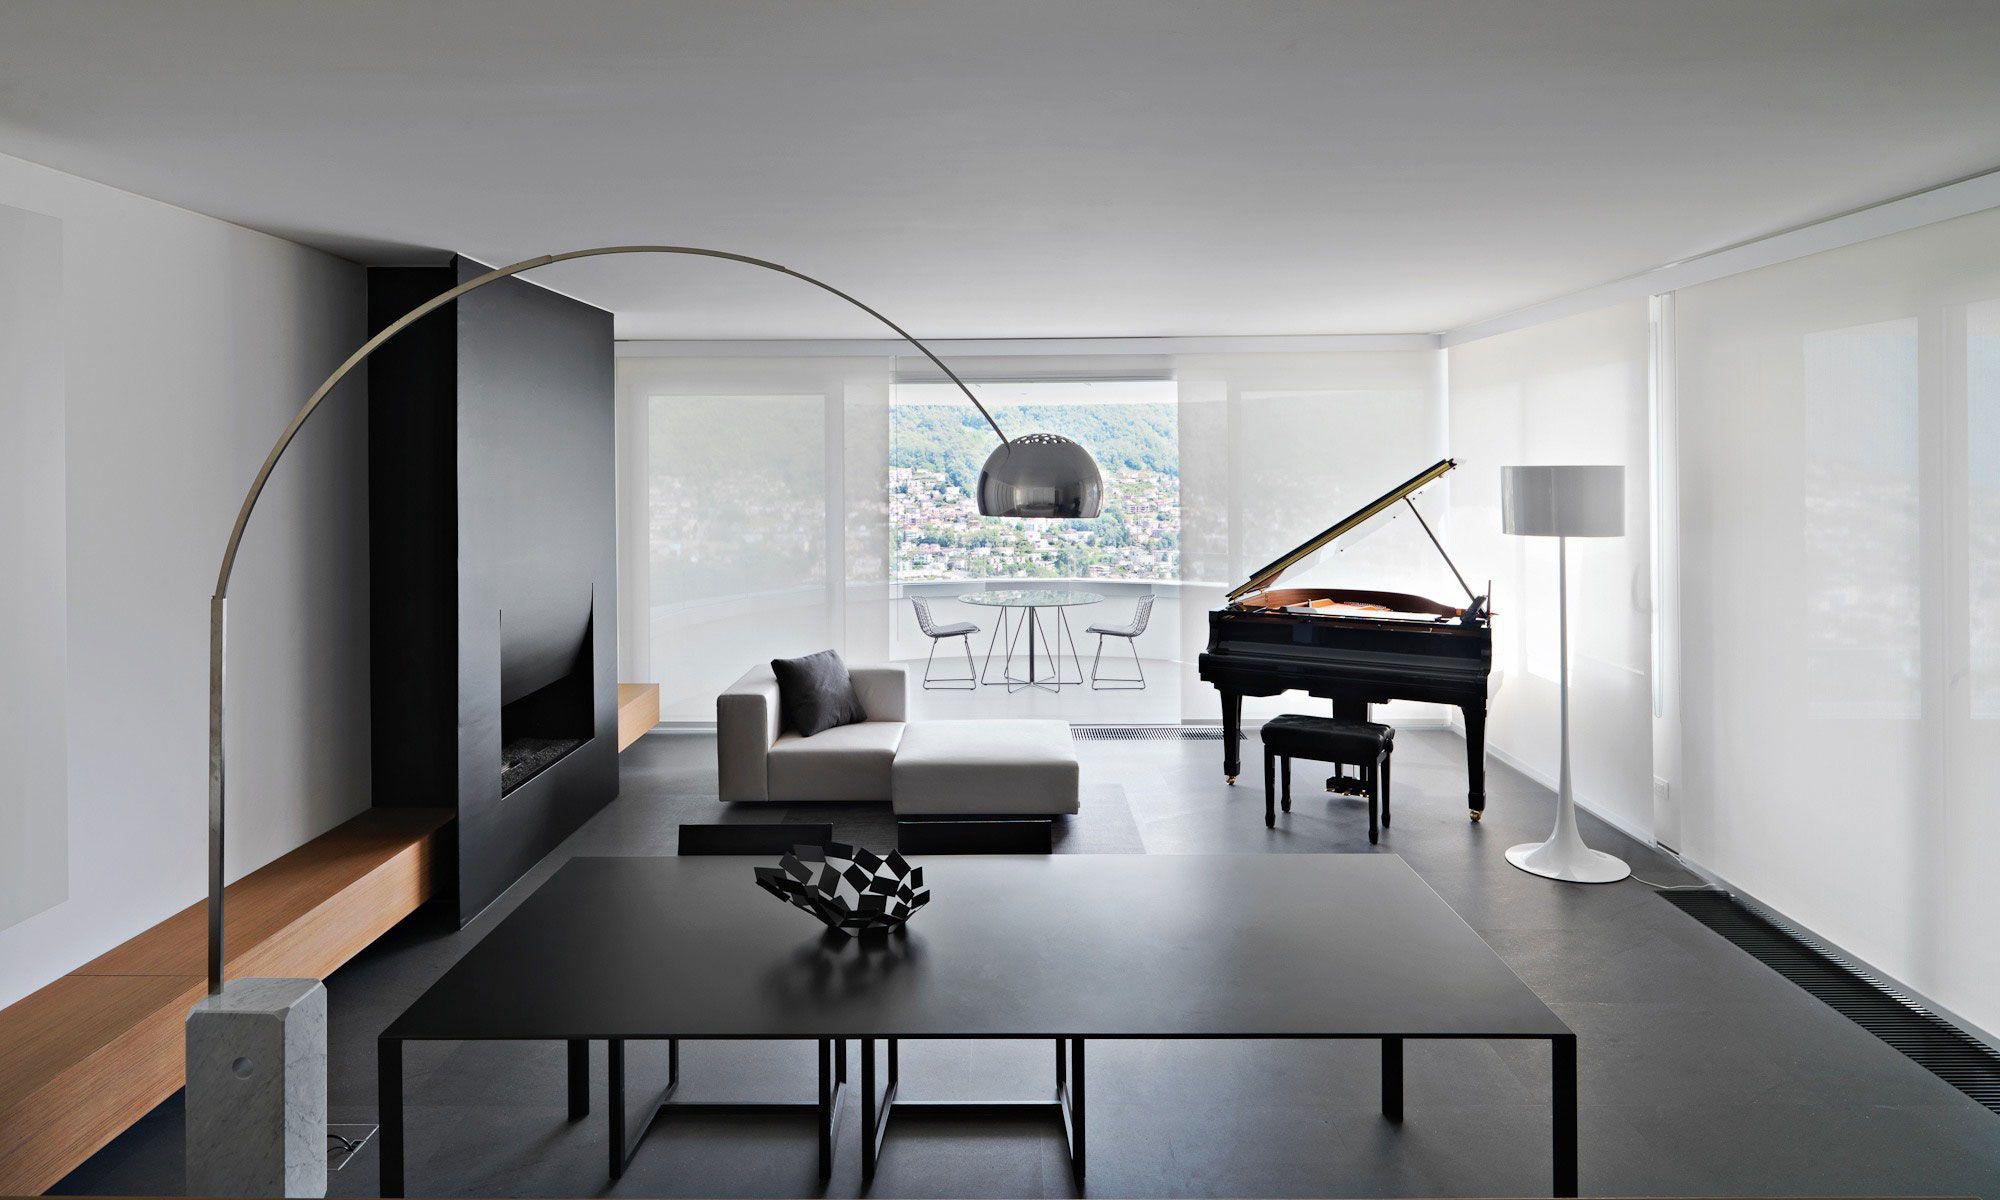 70 moderne, innovative luxus interieur ideen fürs wohnzimmer, Haus Raumgestaltung